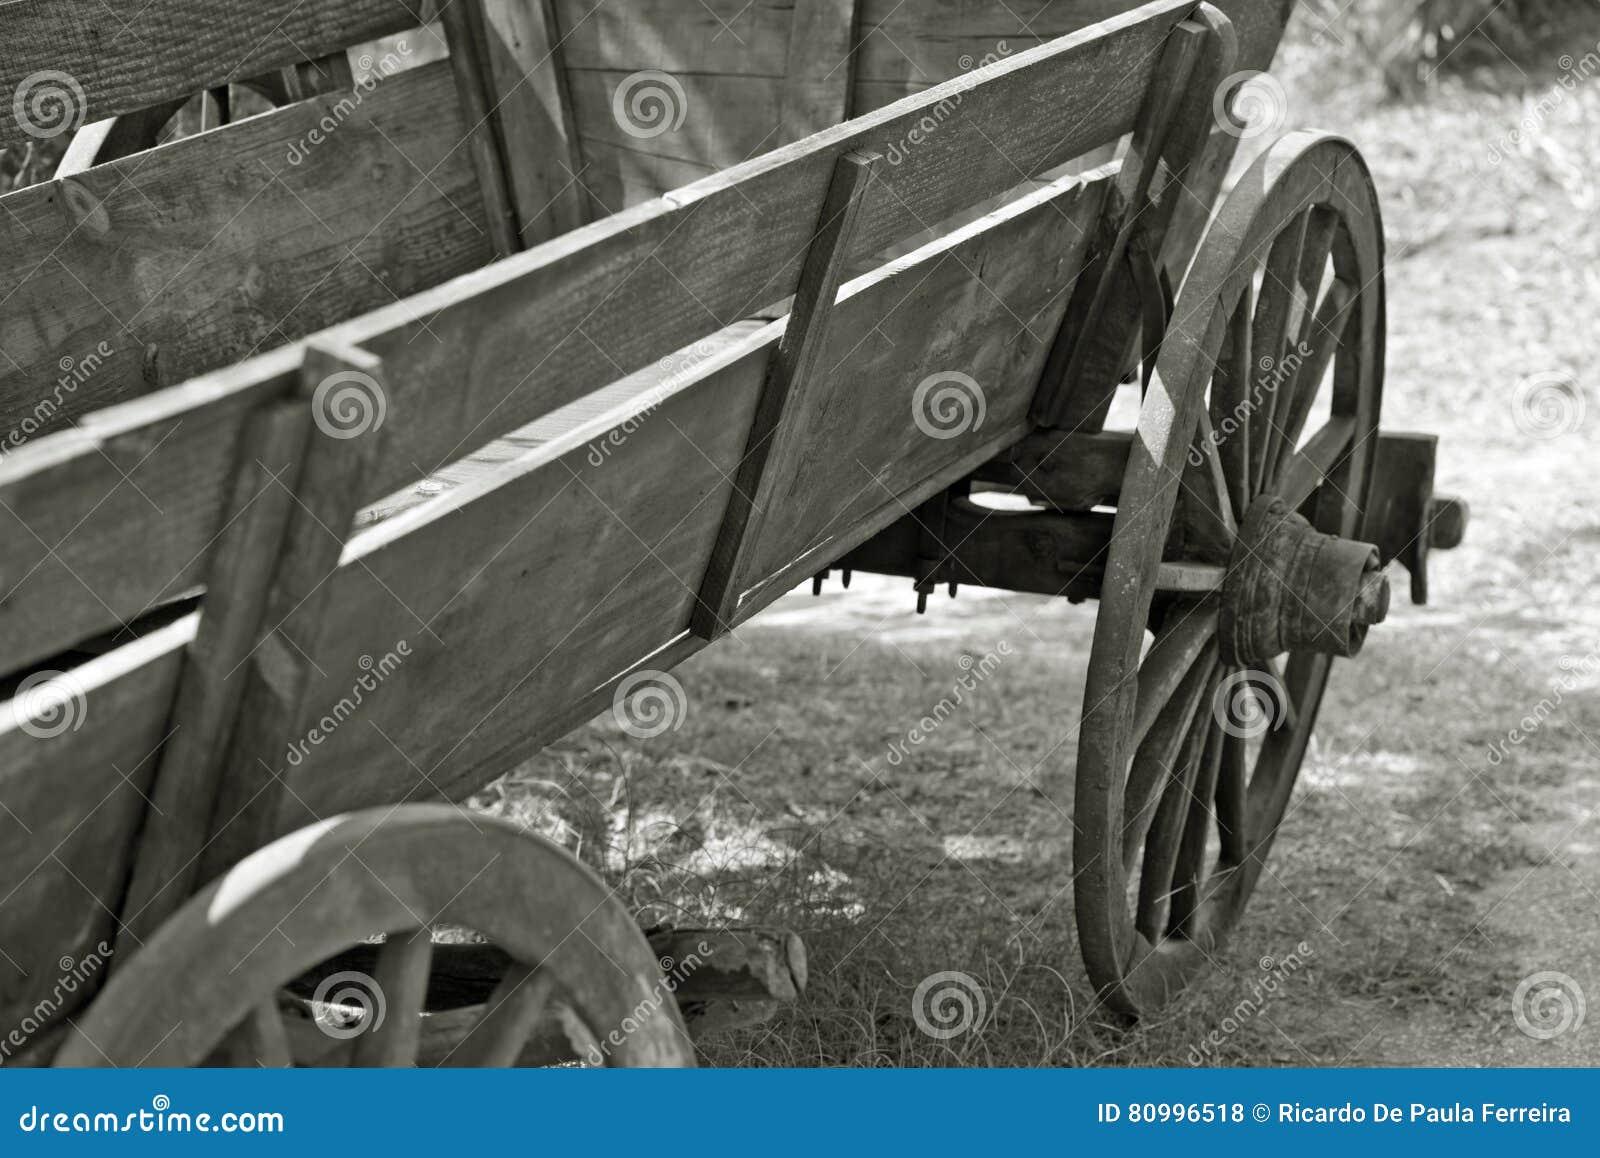 Vieux Chariot De Ferme En Noir Et Blanc Photo Stock Image